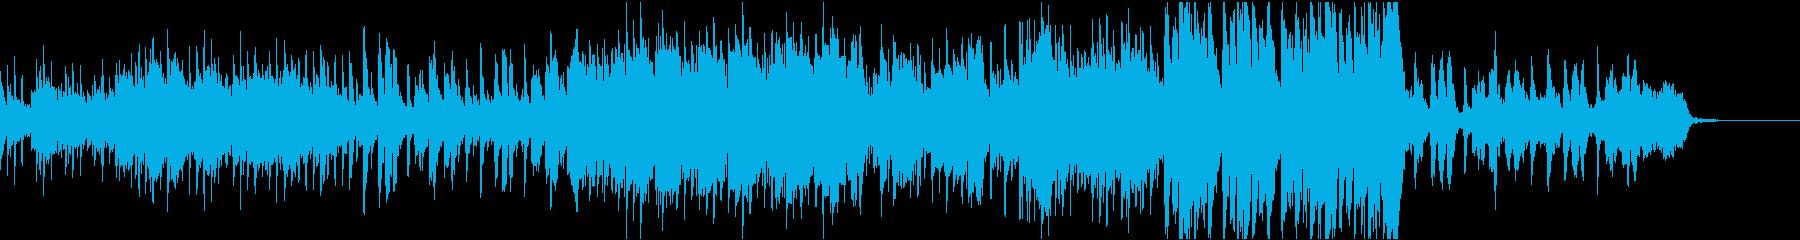 「ほたるこい」明るい幻想的な多重コーラスの再生済みの波形